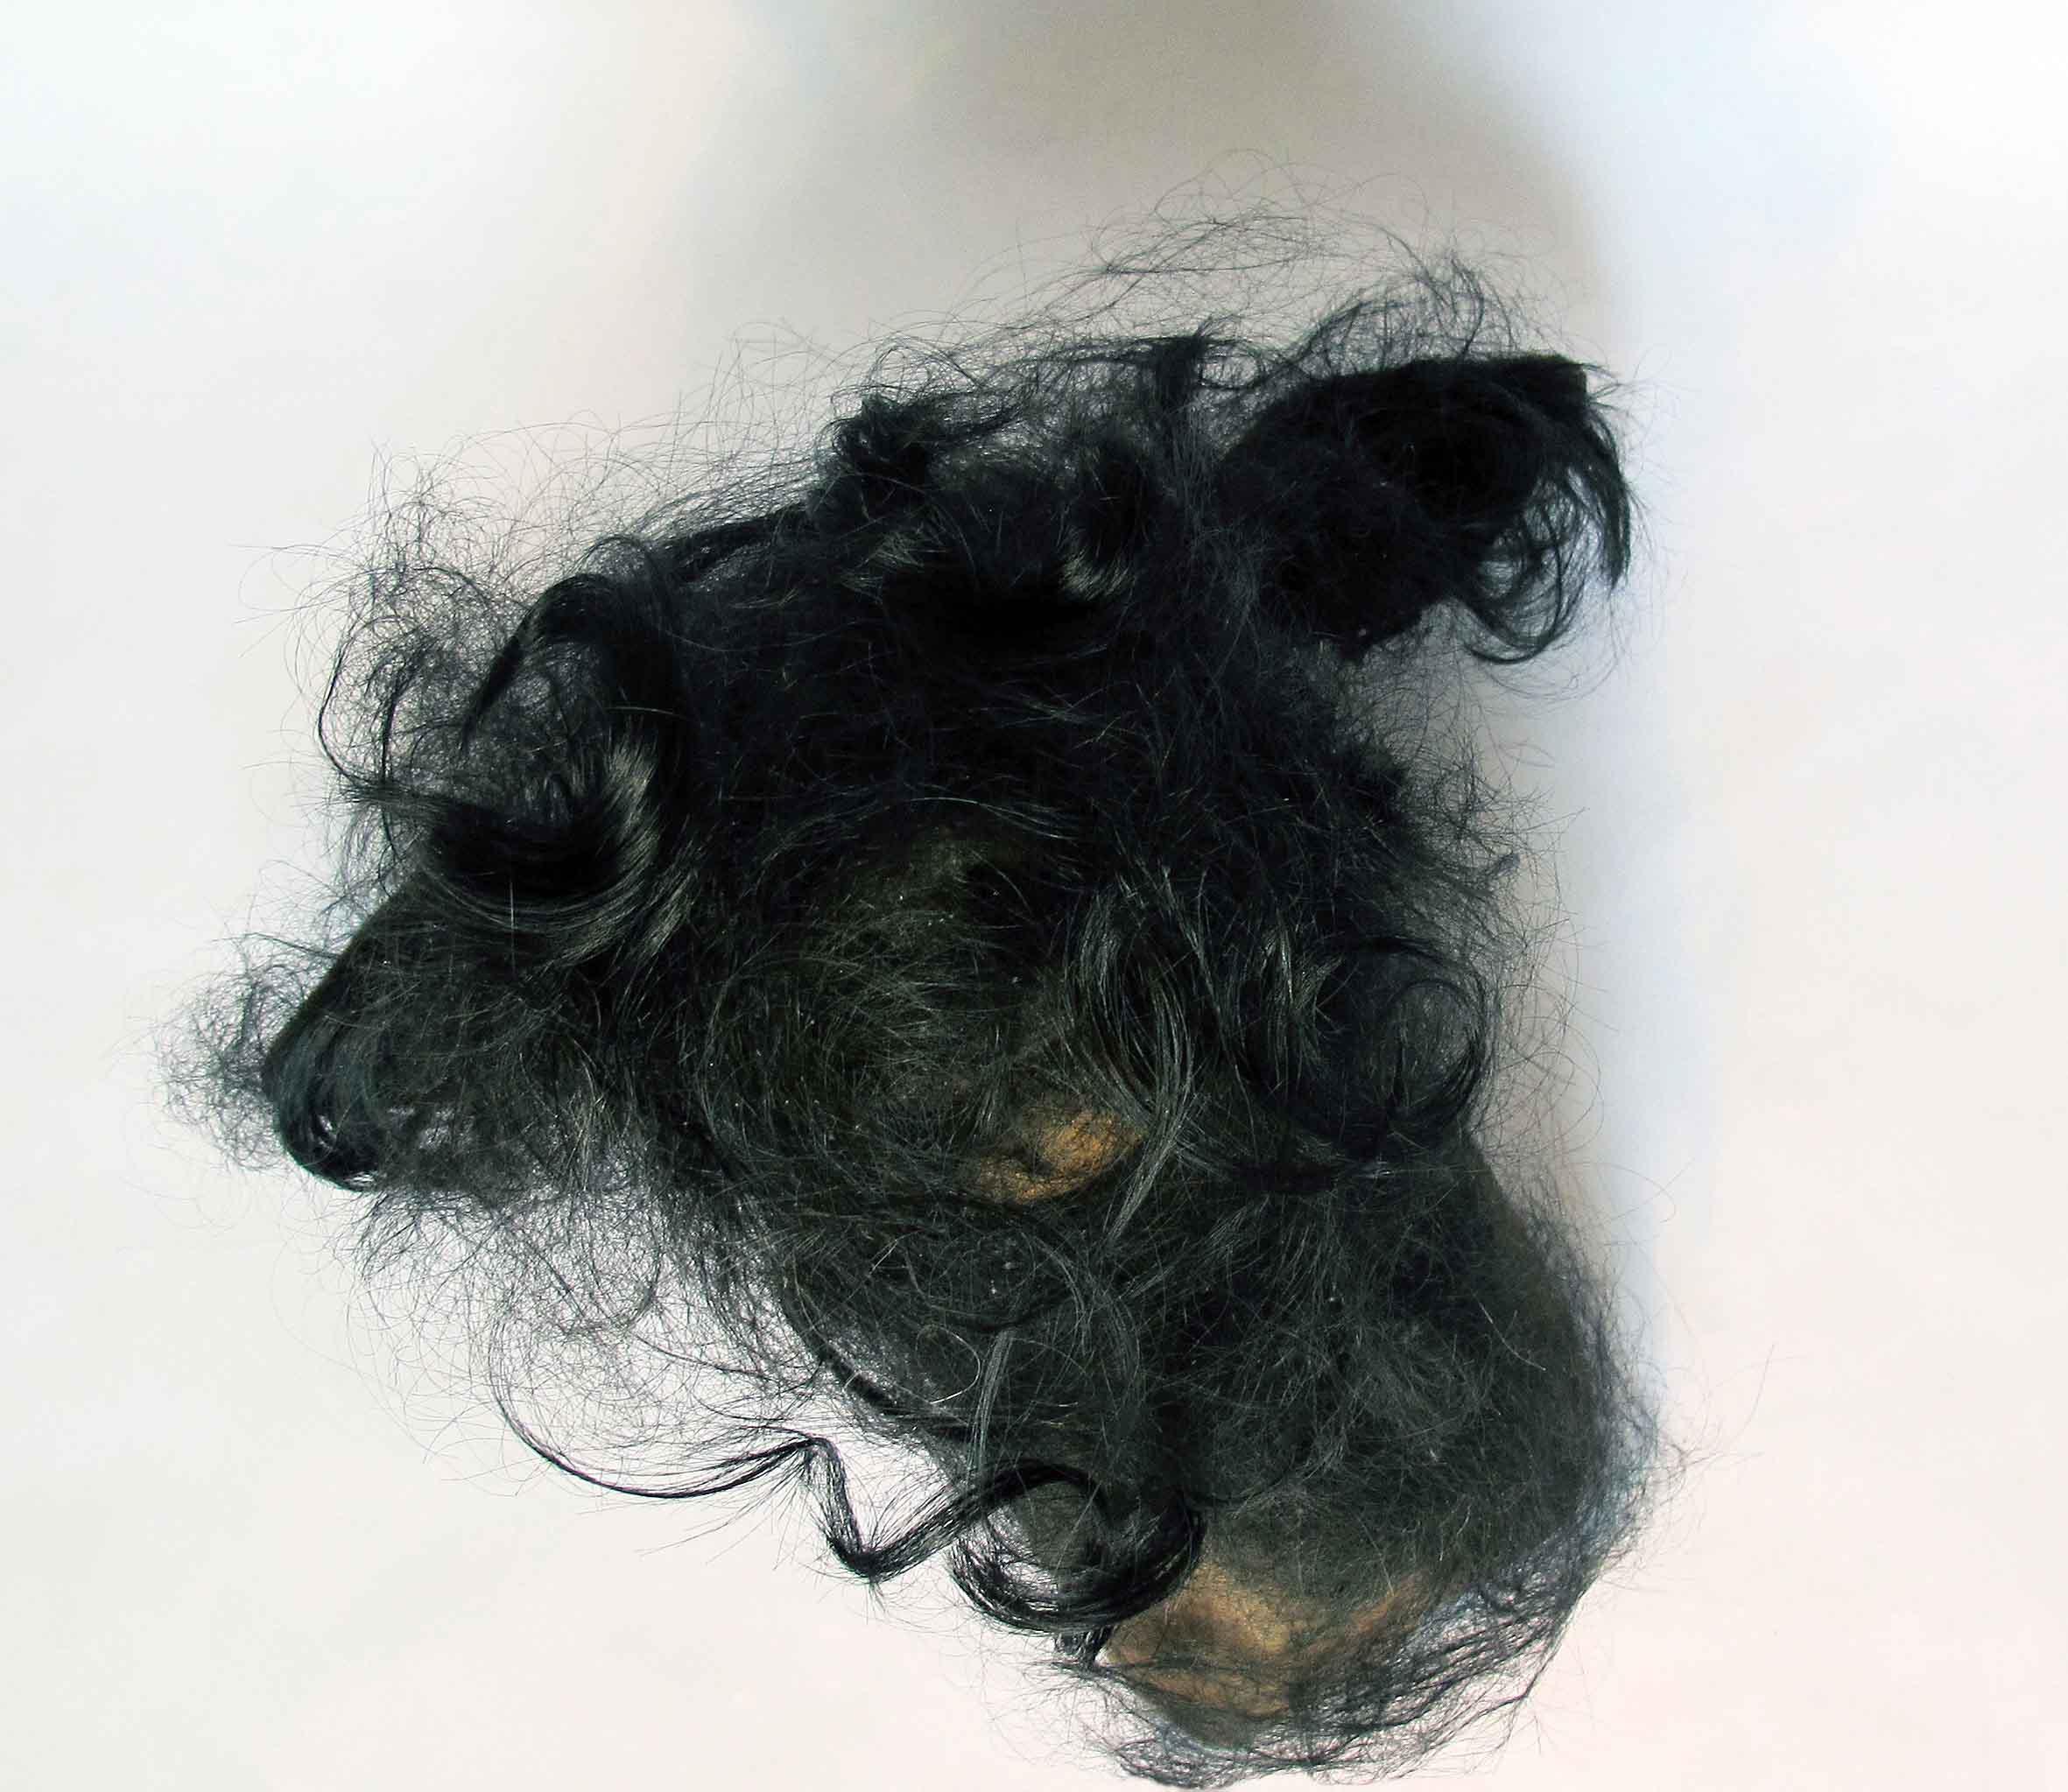 Jayne Dyer, Dear , 2013, resin, human hair, 40 x 30 x 28cm, presented in vitrine (20 x 24 x 34cm) on display table (24 x 28 x 83cm)